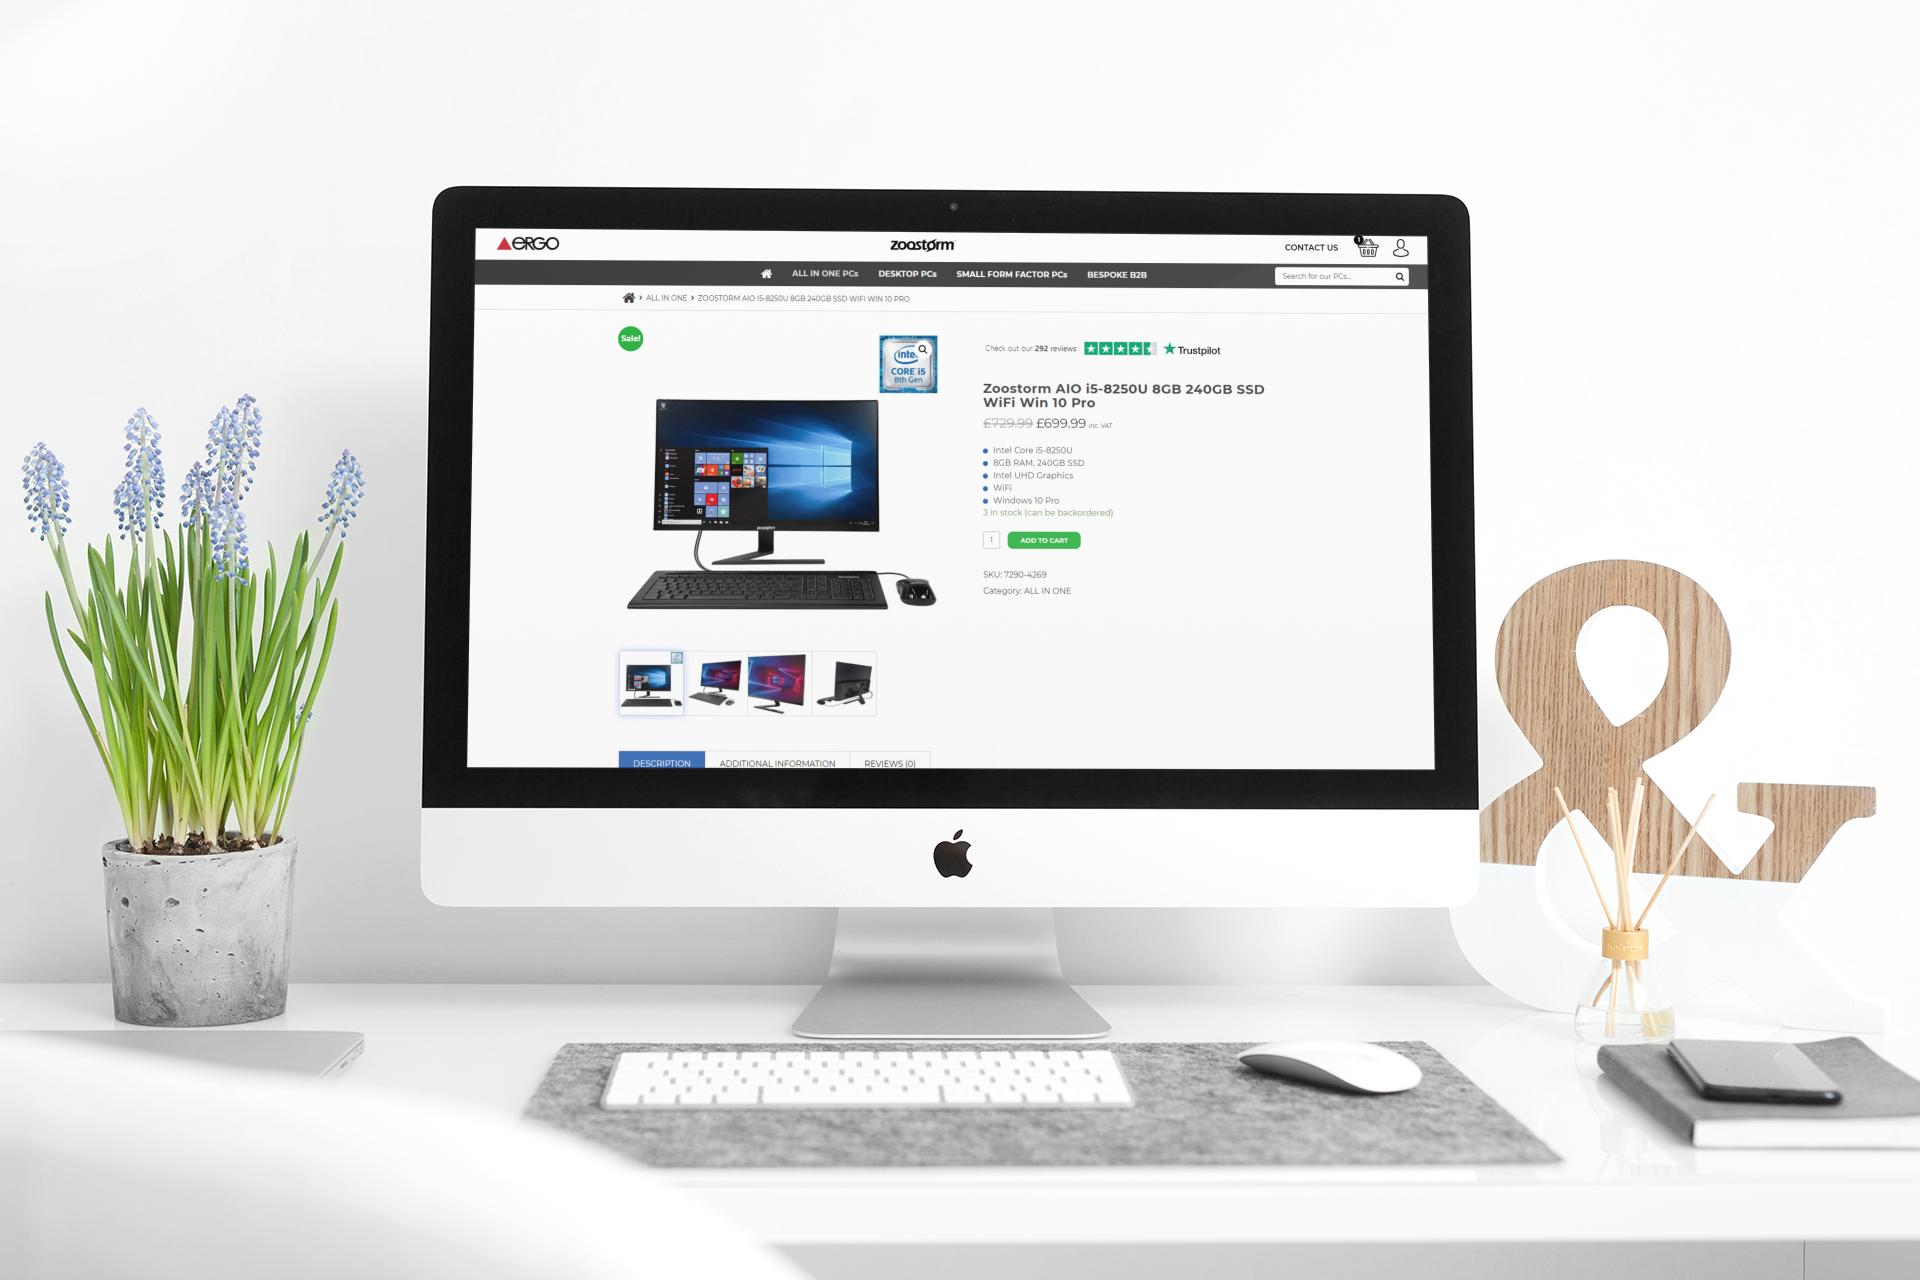 iMac showing the Zoostorm website